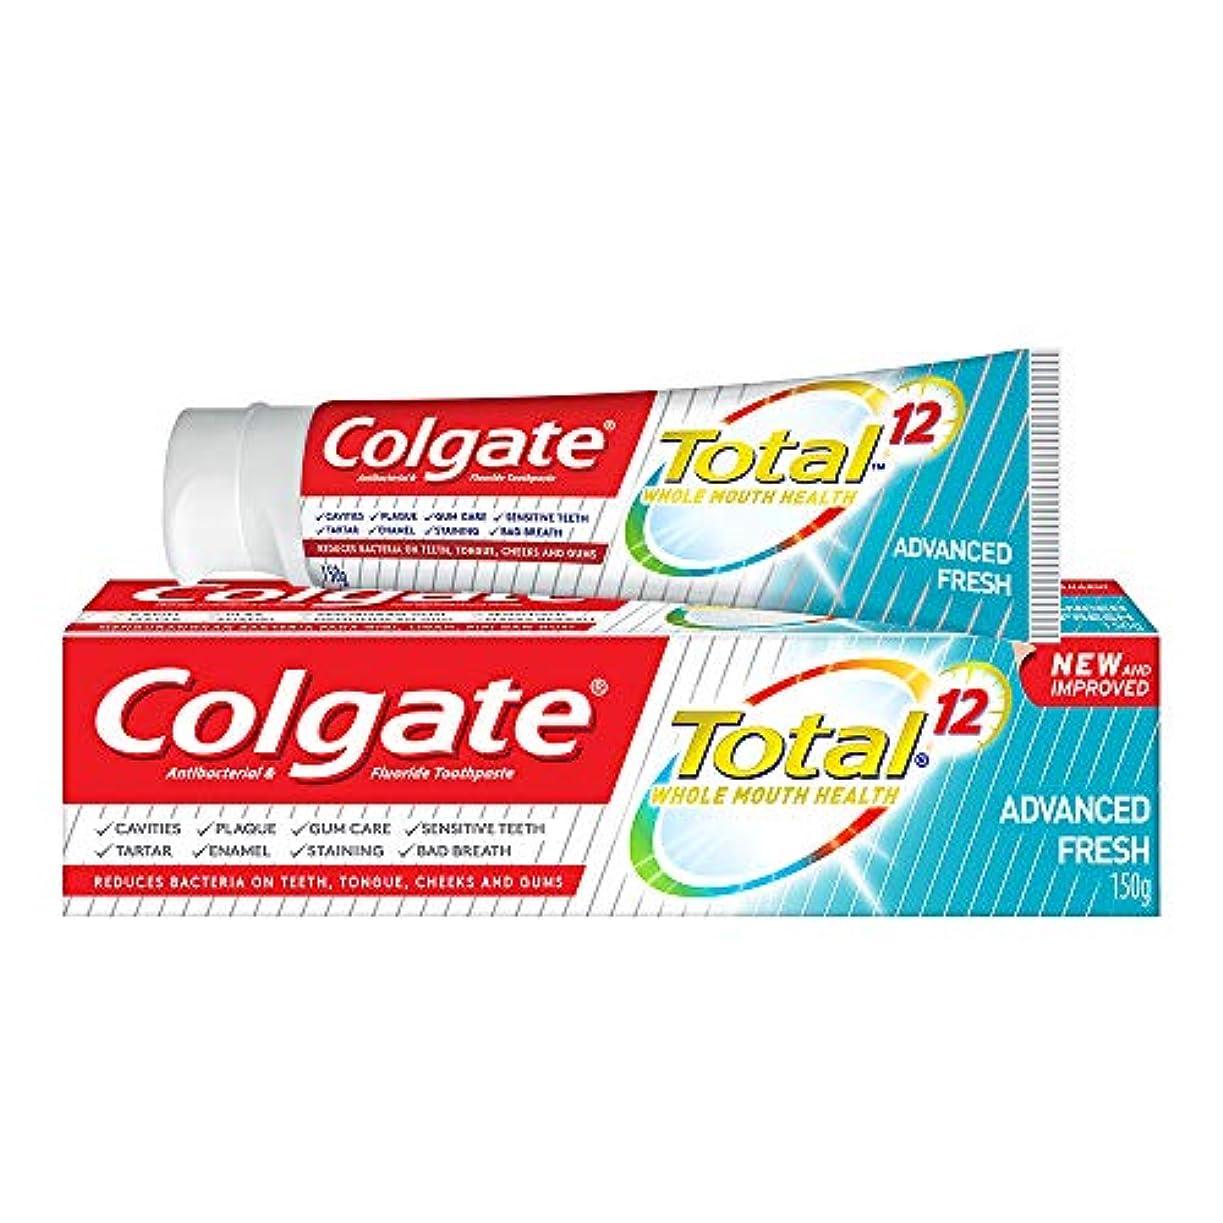 チャンス脅迫灰Colgate コルゲート トータル トゥースペースト 150g (歯磨き粉) 【歯磨き粉、虫歯予防、アメリカン雑貨】